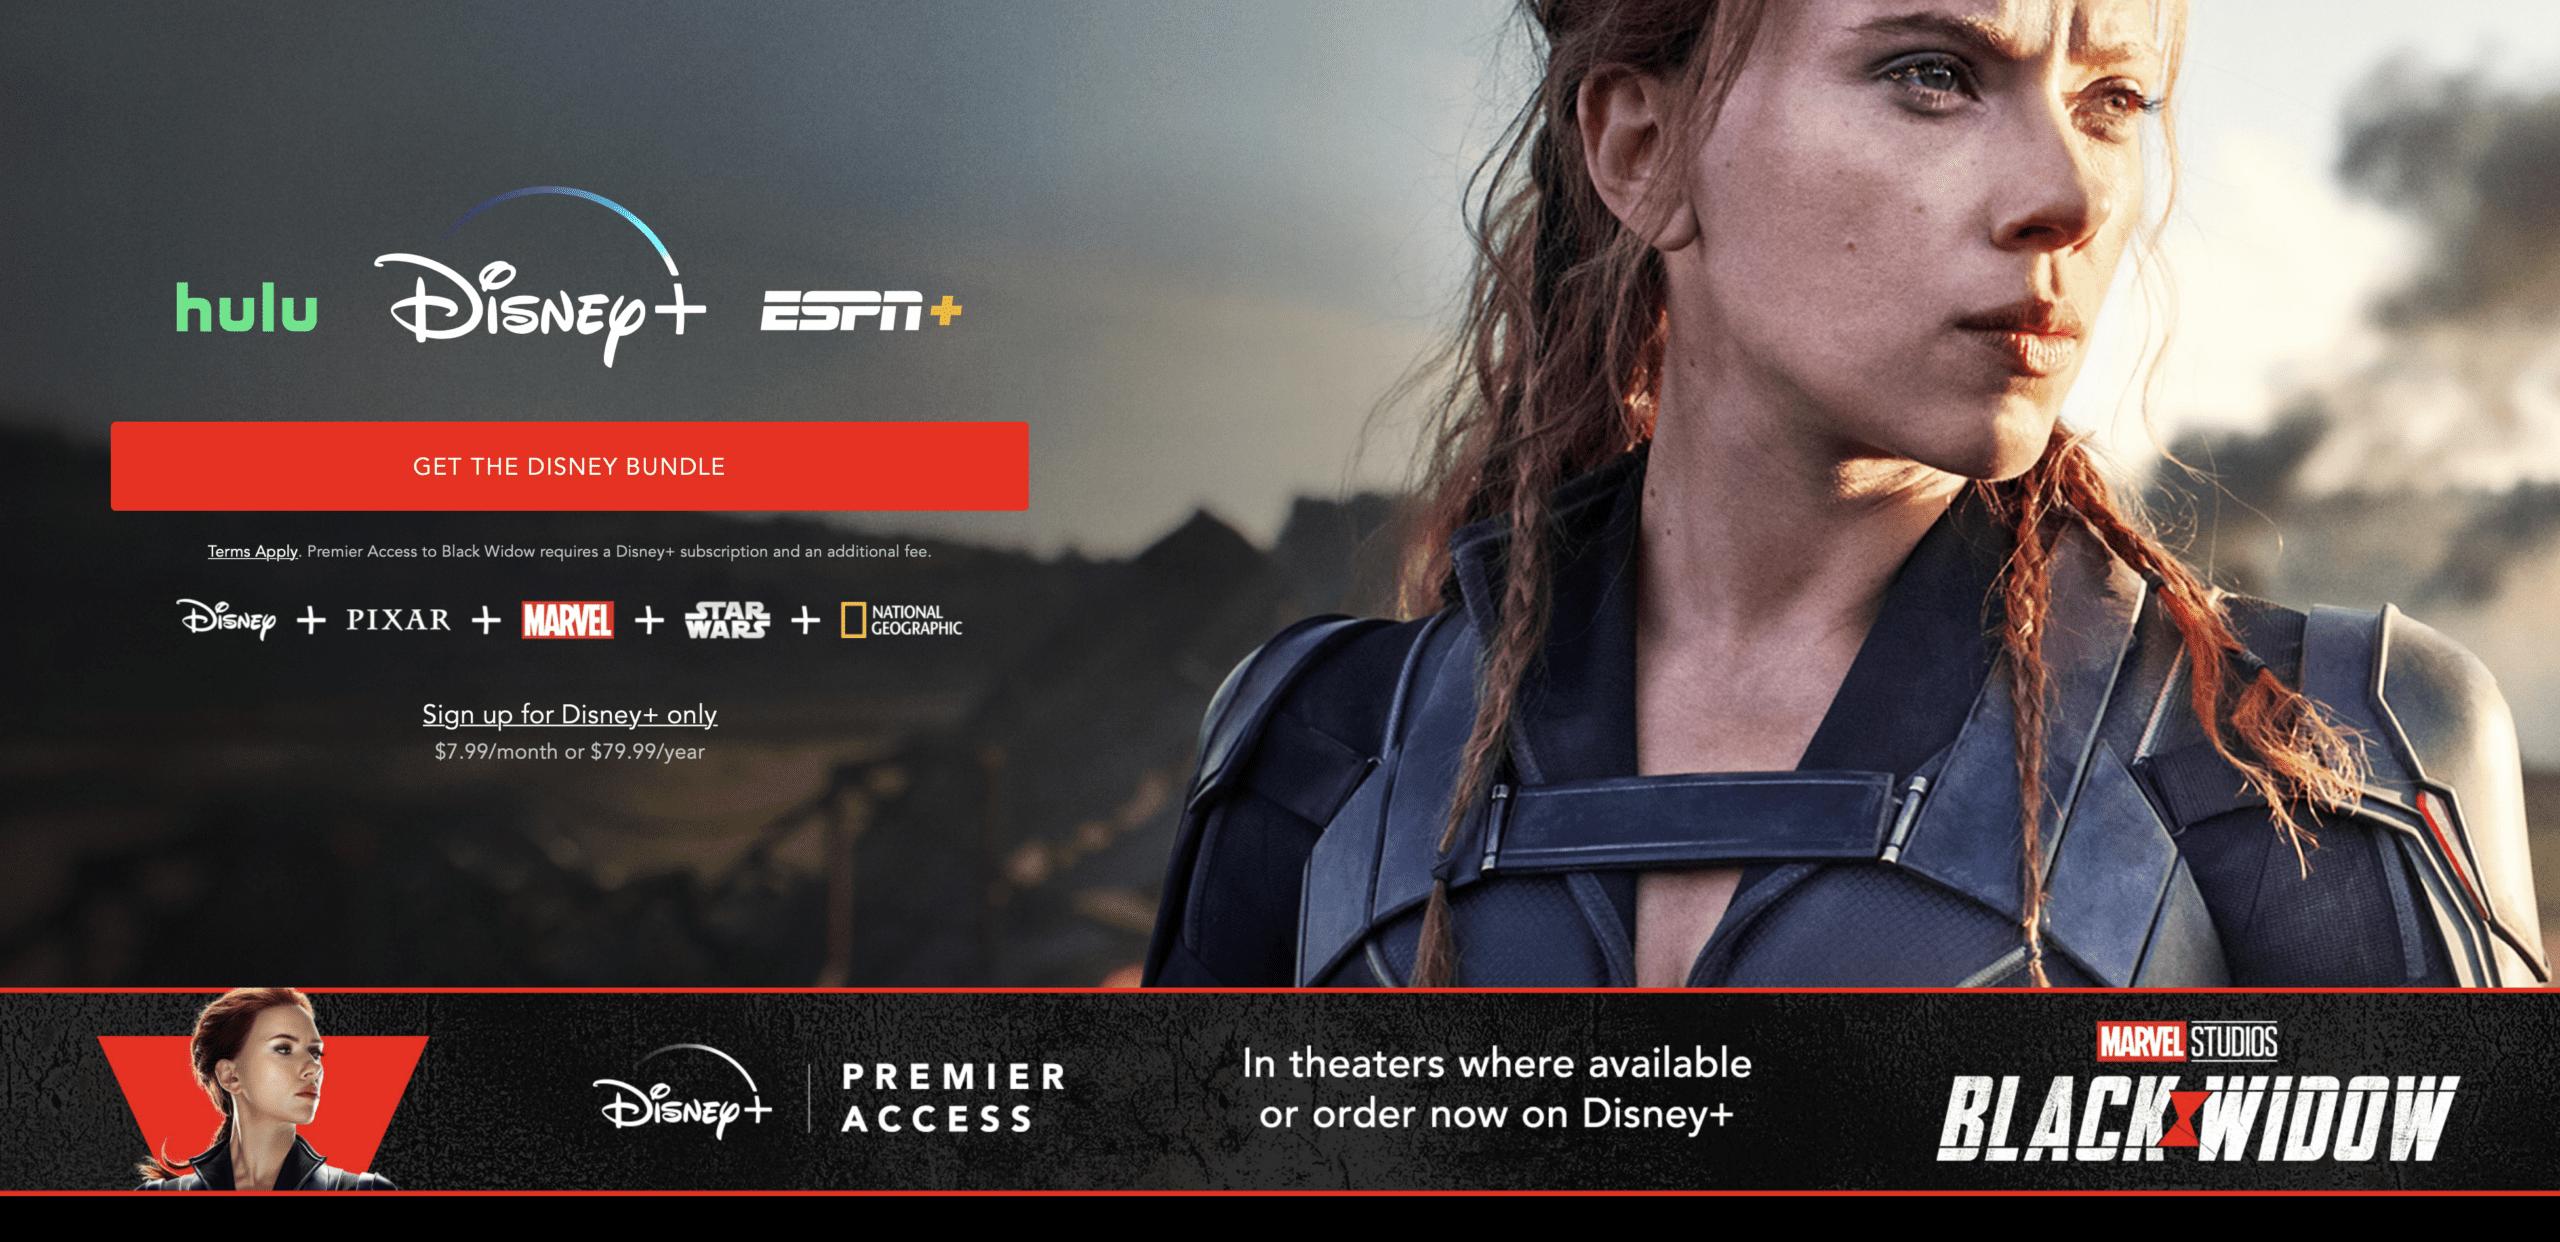 How to Watch Black Widow on Disney Plus